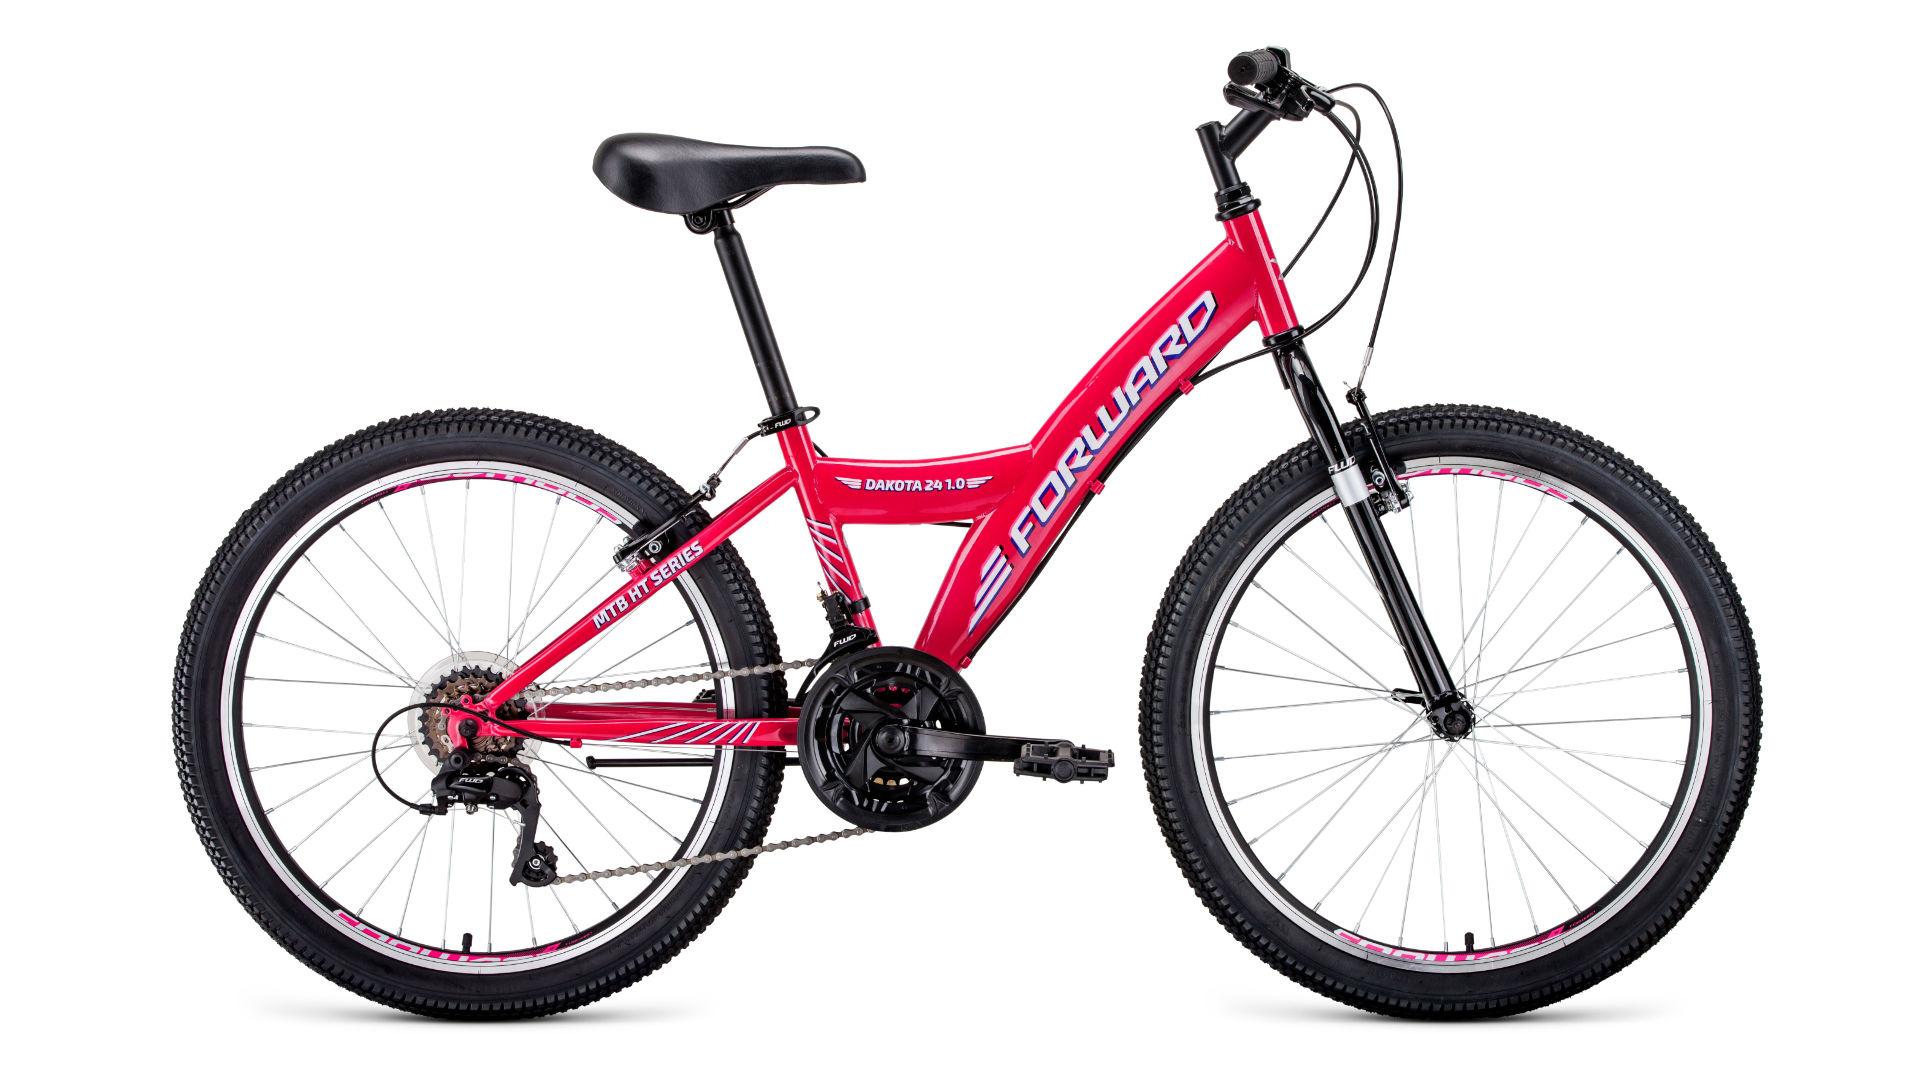 Велосипед Forward Dakota 24 1.0 (2020)